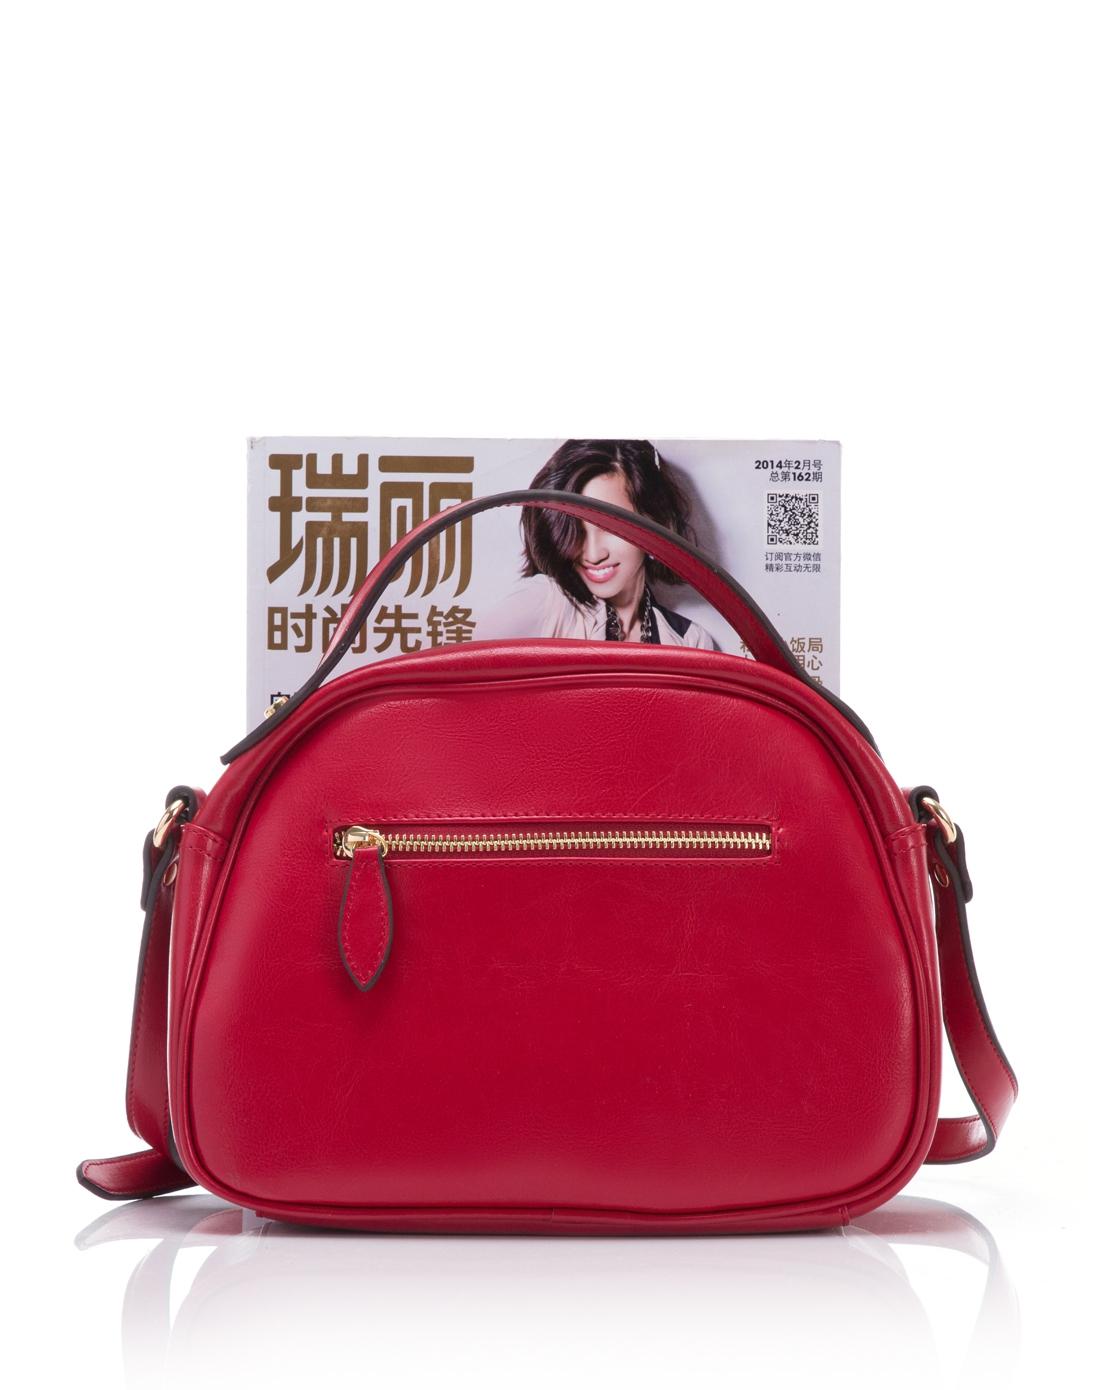 时尚复古半圆形红色手提包